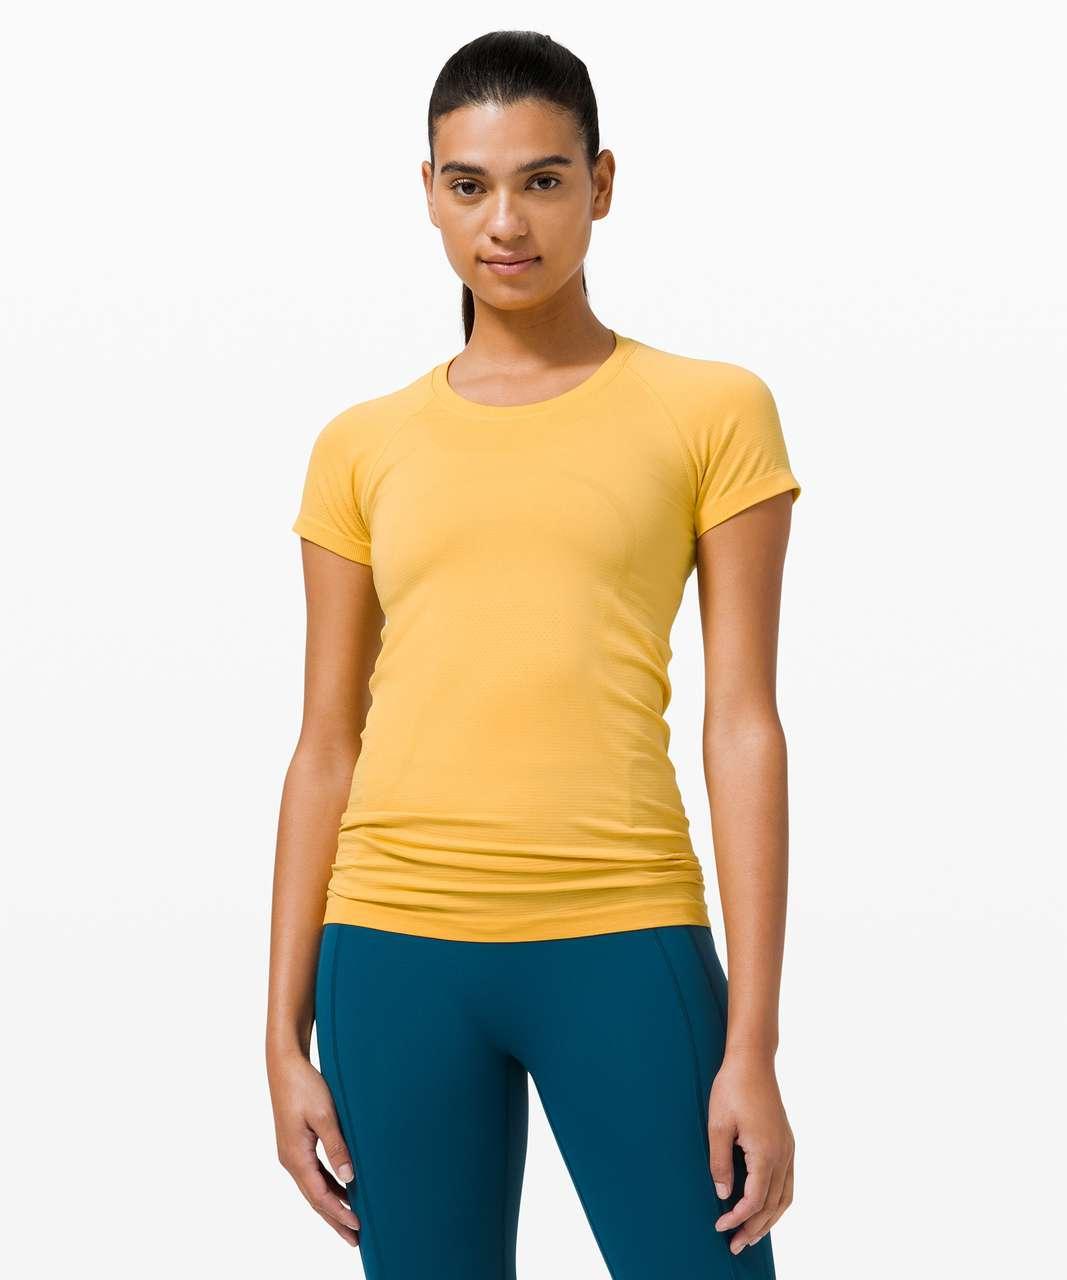 Lululemon Swiftly Tech Short Sleeve 2.0 - Wheat Yellow / Wheat Yellow